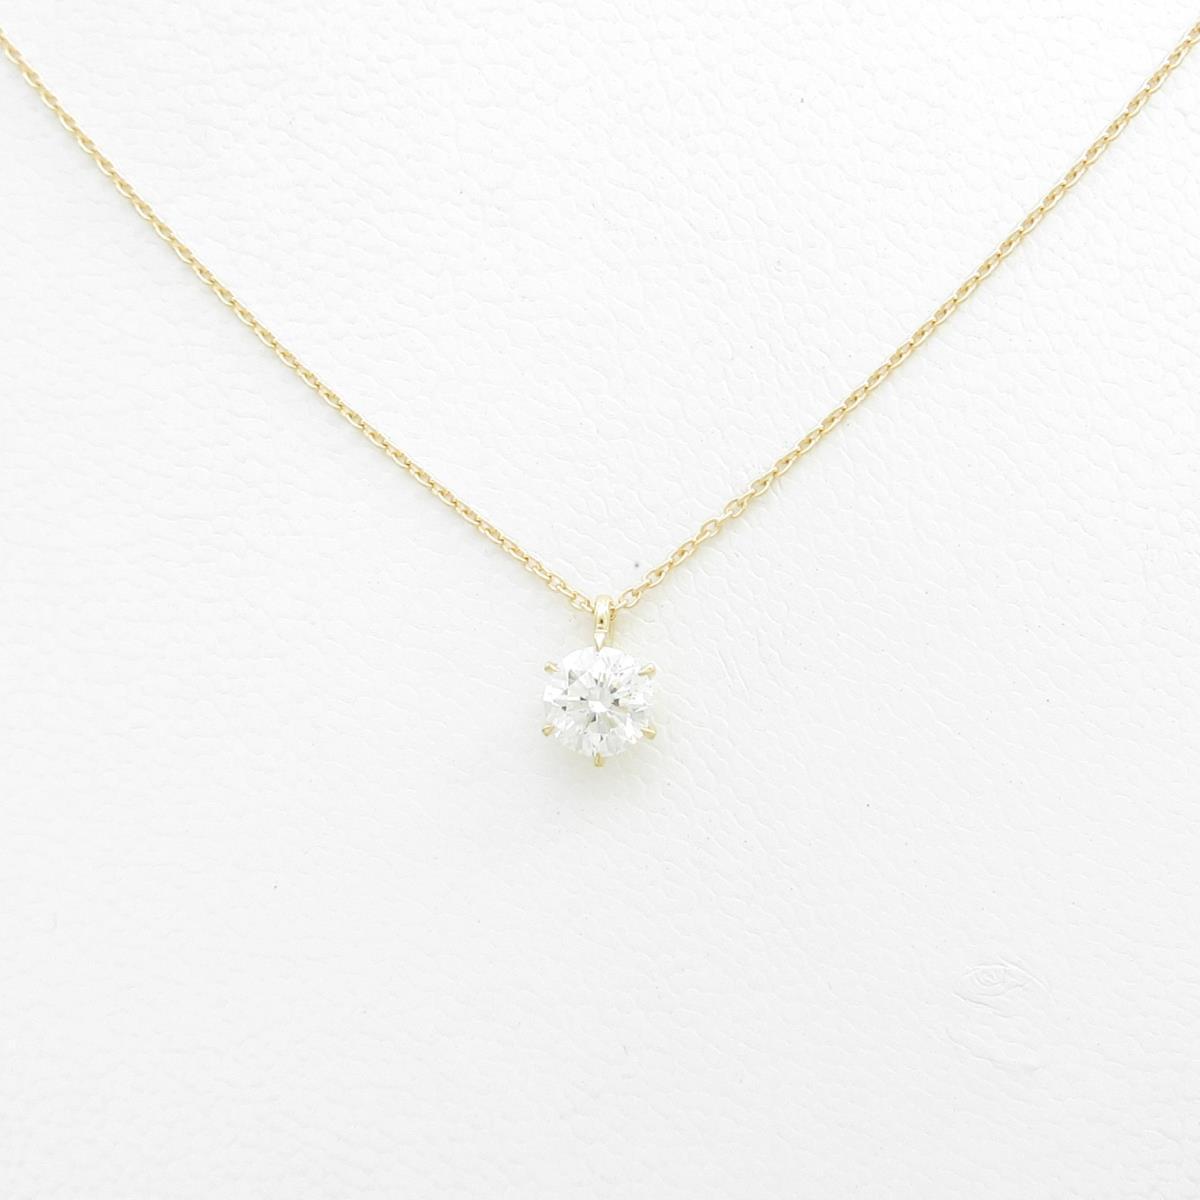 【リメイク】K18YG ダイヤモンドネックレス 0.518ct・H・I1・GOOD【中古】